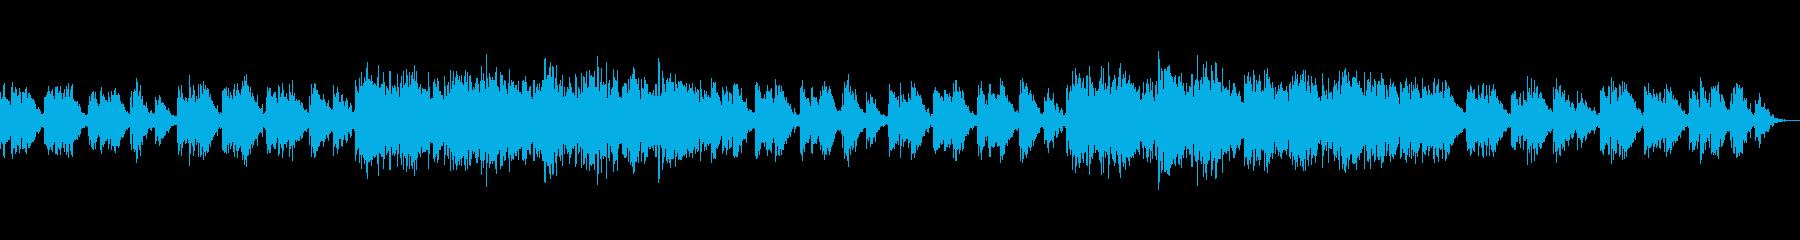 森をイメージしたアンビエントBGMの再生済みの波形